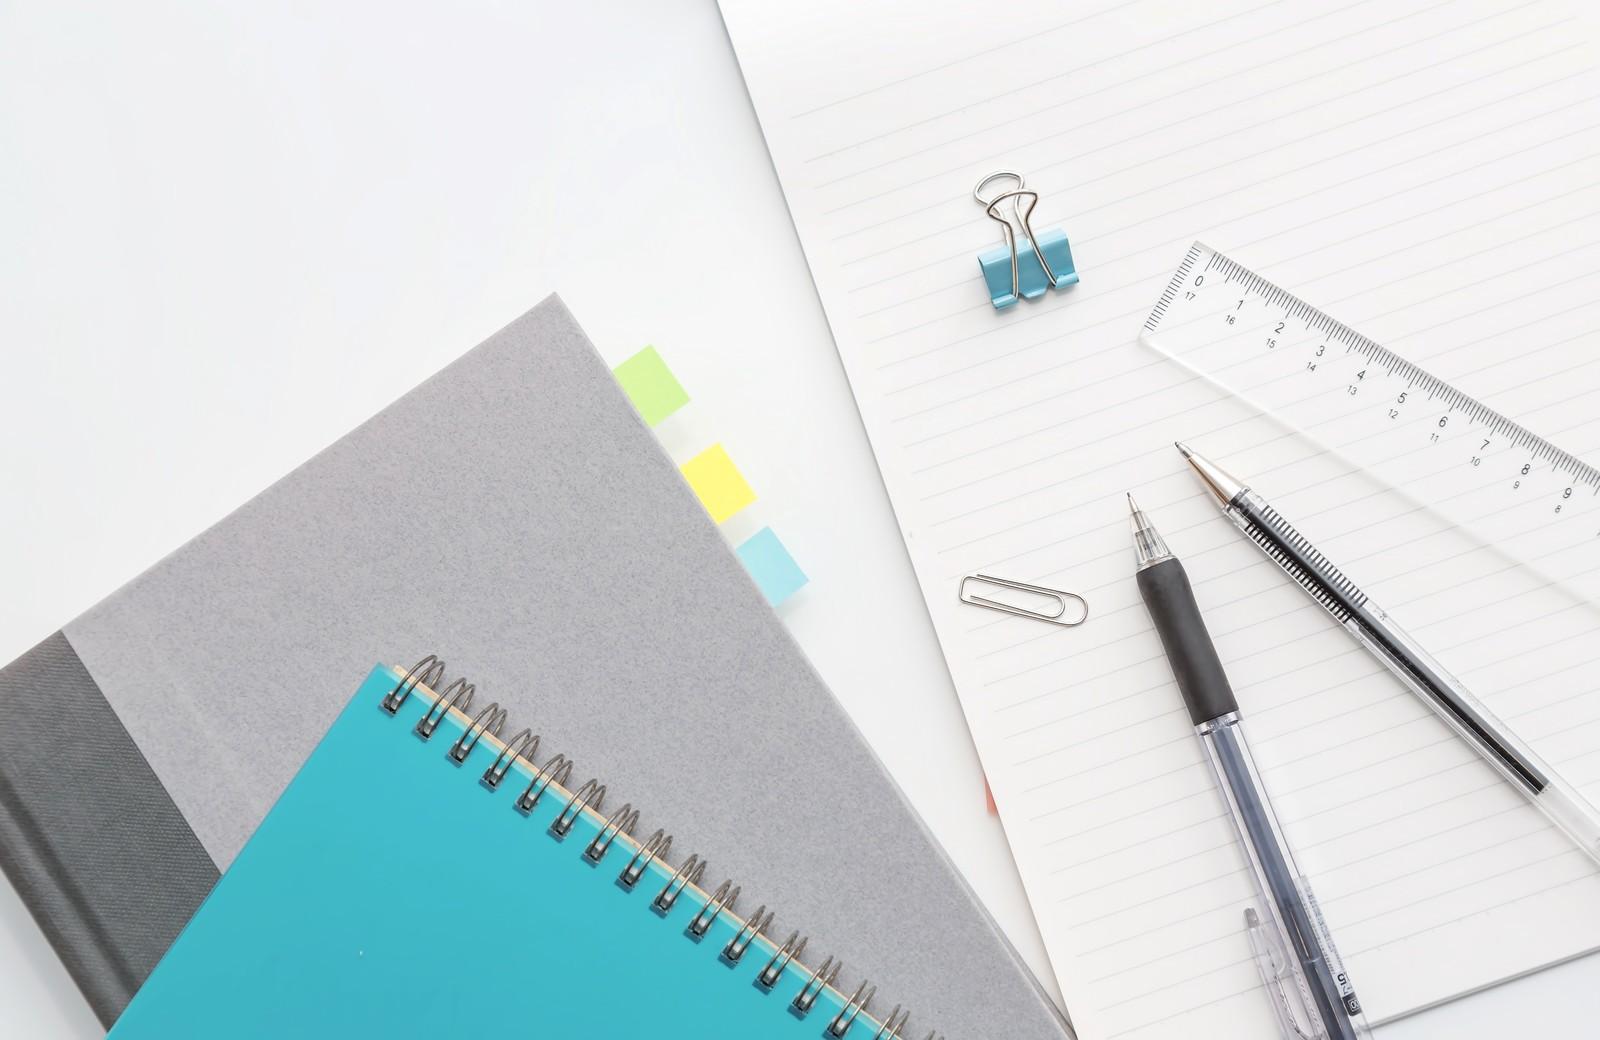 「ノートと筆記用具   写真の無料素材・フリー素材 - ぱくたそ」の写真